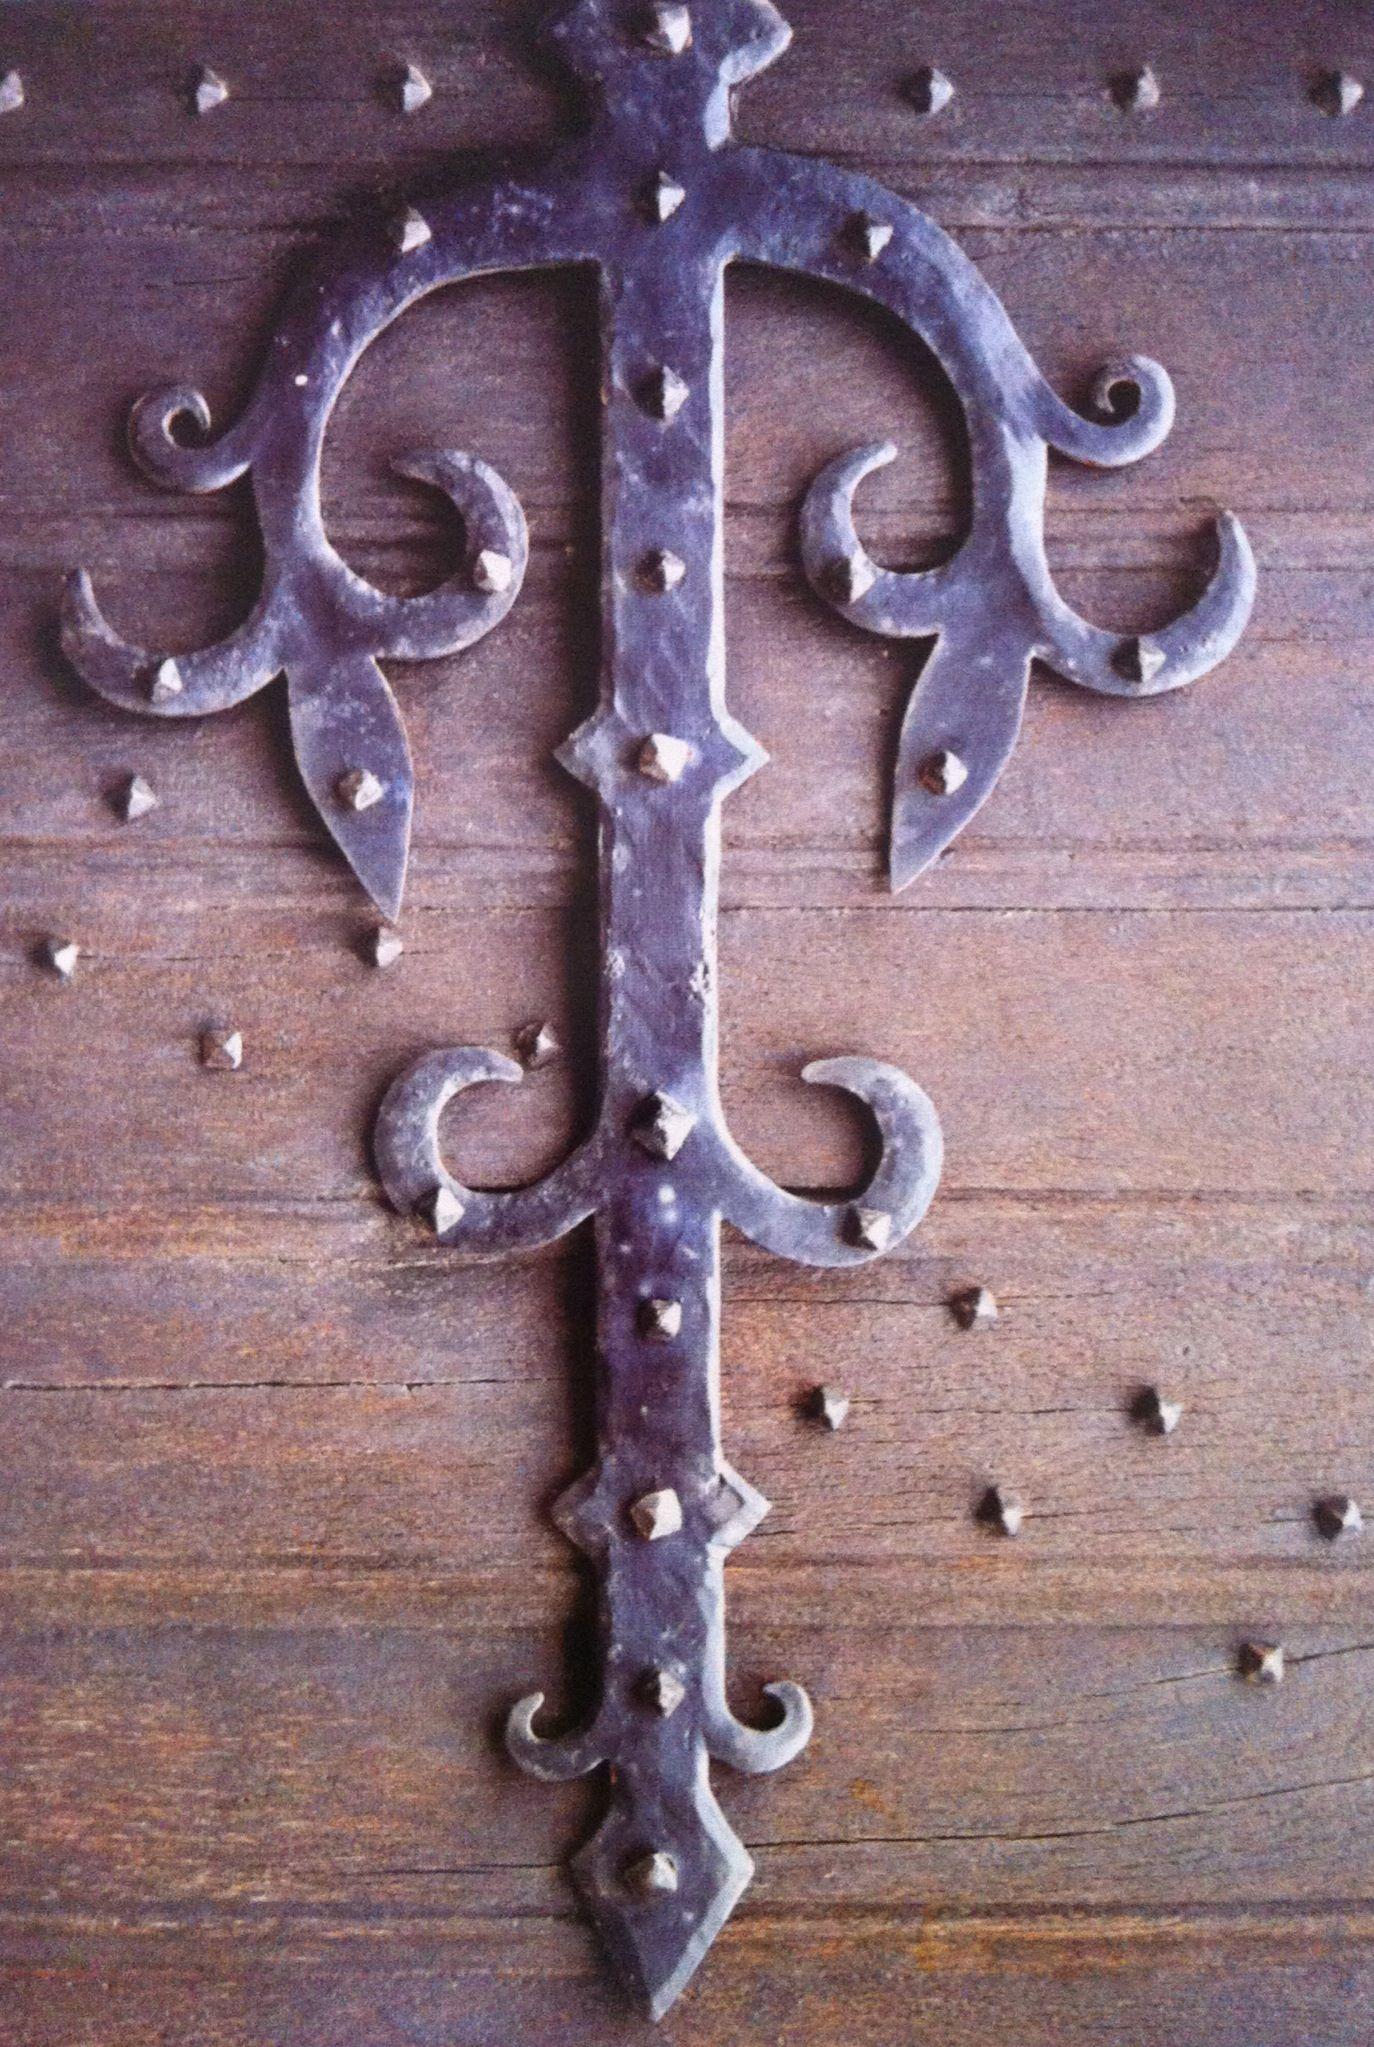 Decorative Door Hardware Knocker RUSTIC Cast Iron Kick In The Pants